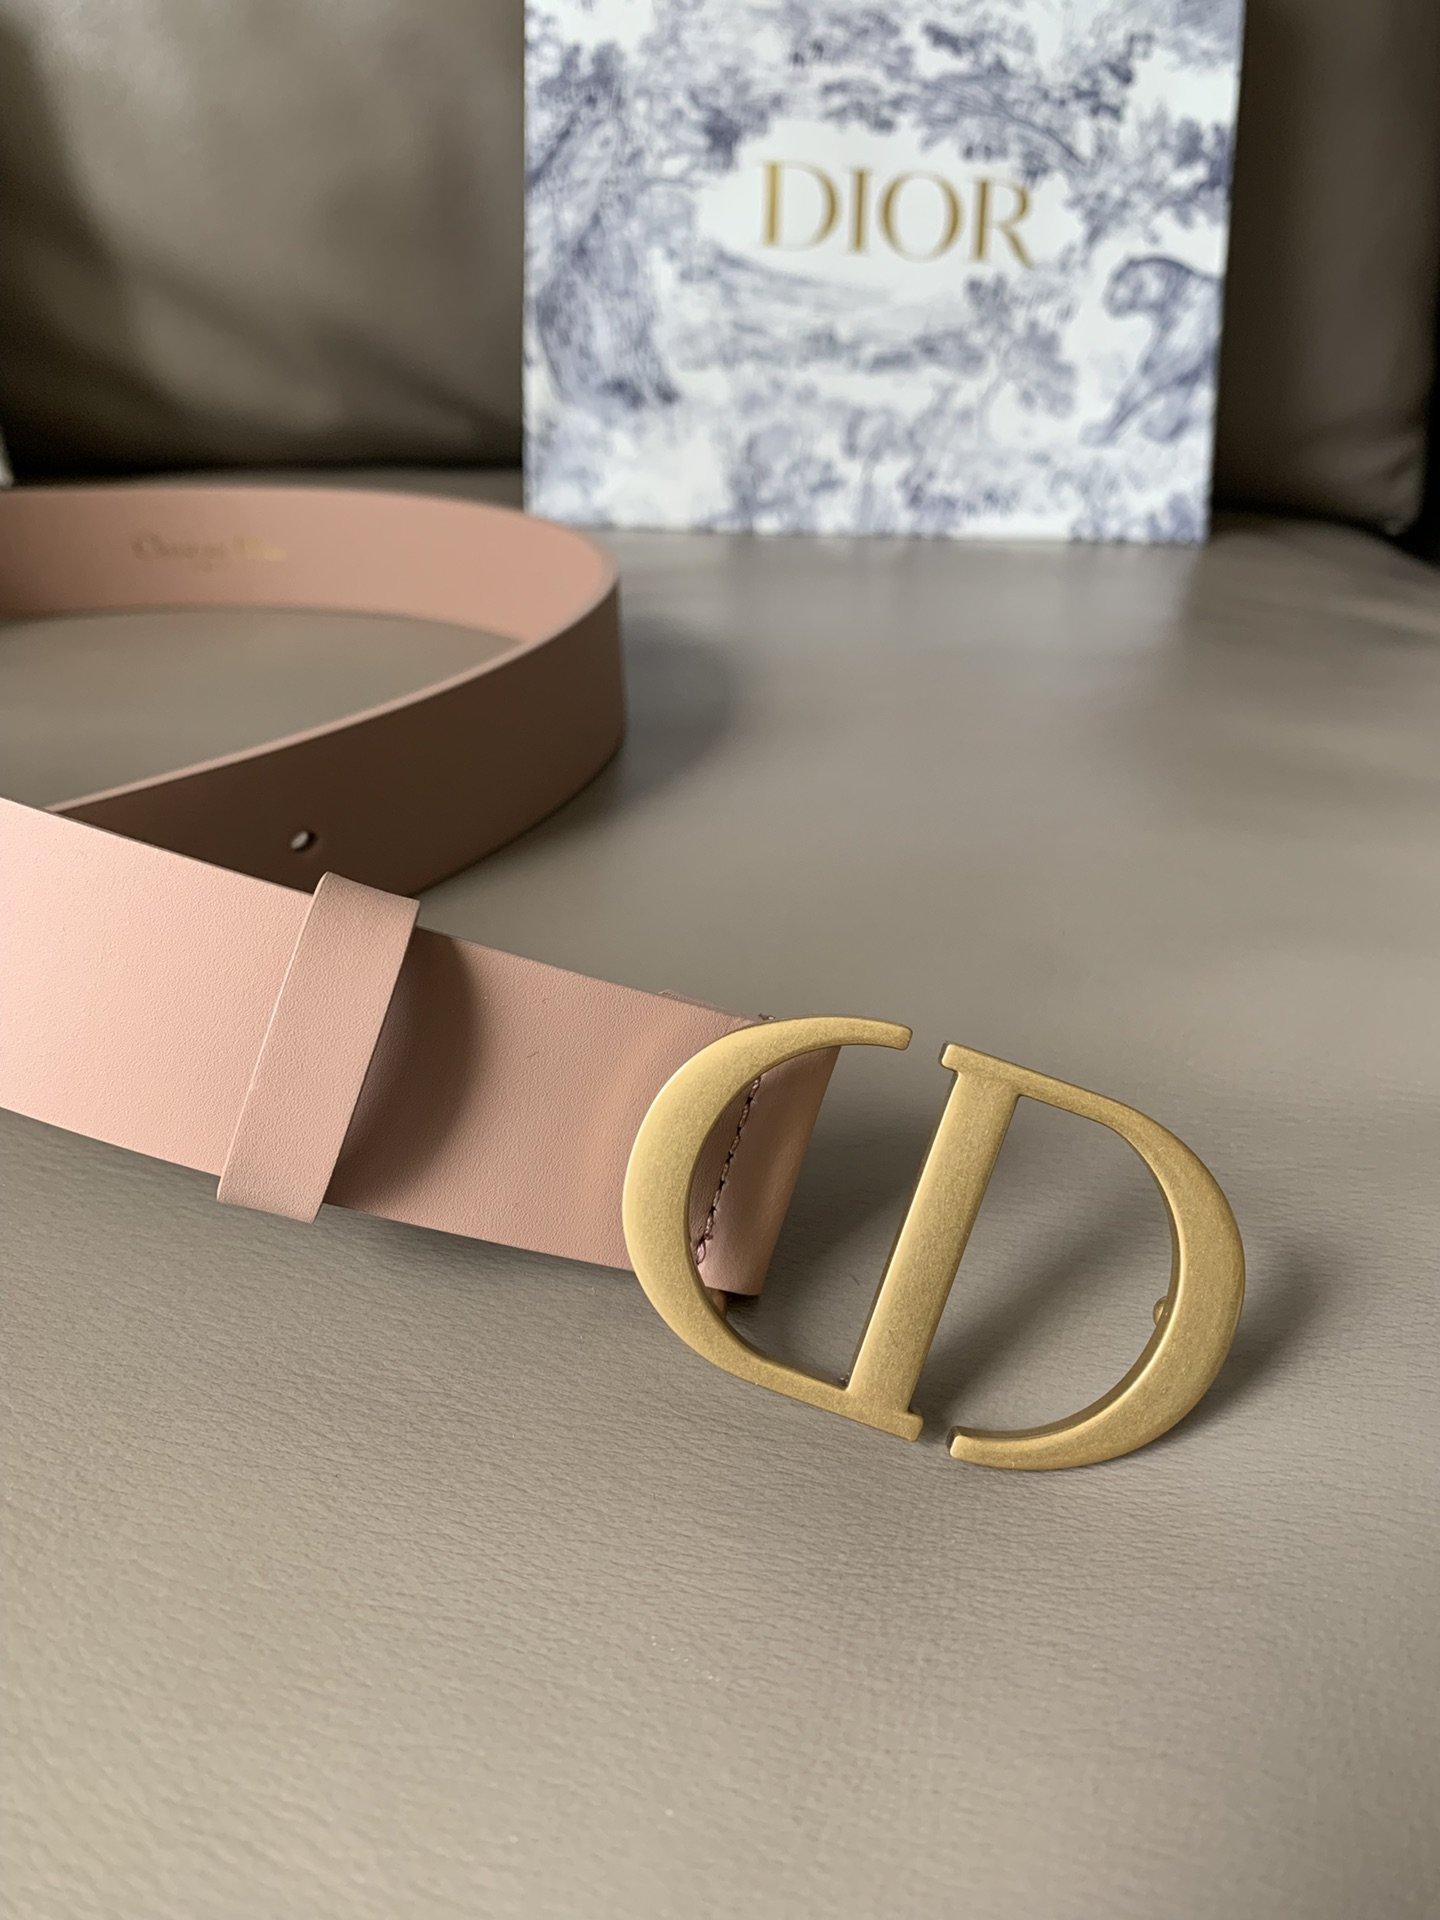 Dior新款双面意大利级顶进口头层平纹小牛皮女士腰带(图4)